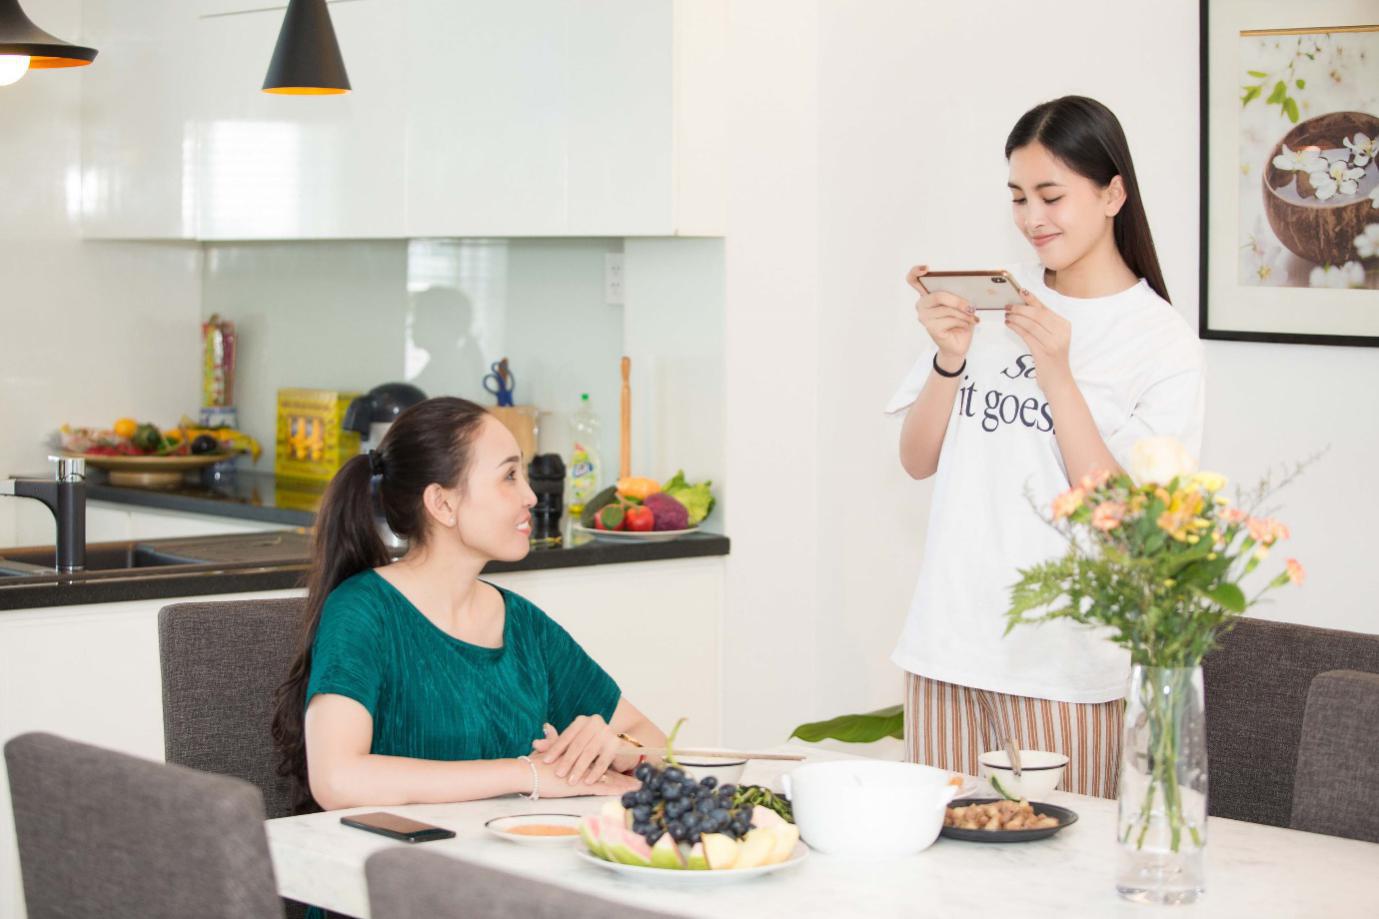 Hoa hậu Tiểu Vy: Khi trở về nhà, tôi thấy hạnh phúc vì vẫn là một cô gái của gia đình - Ảnh 2.